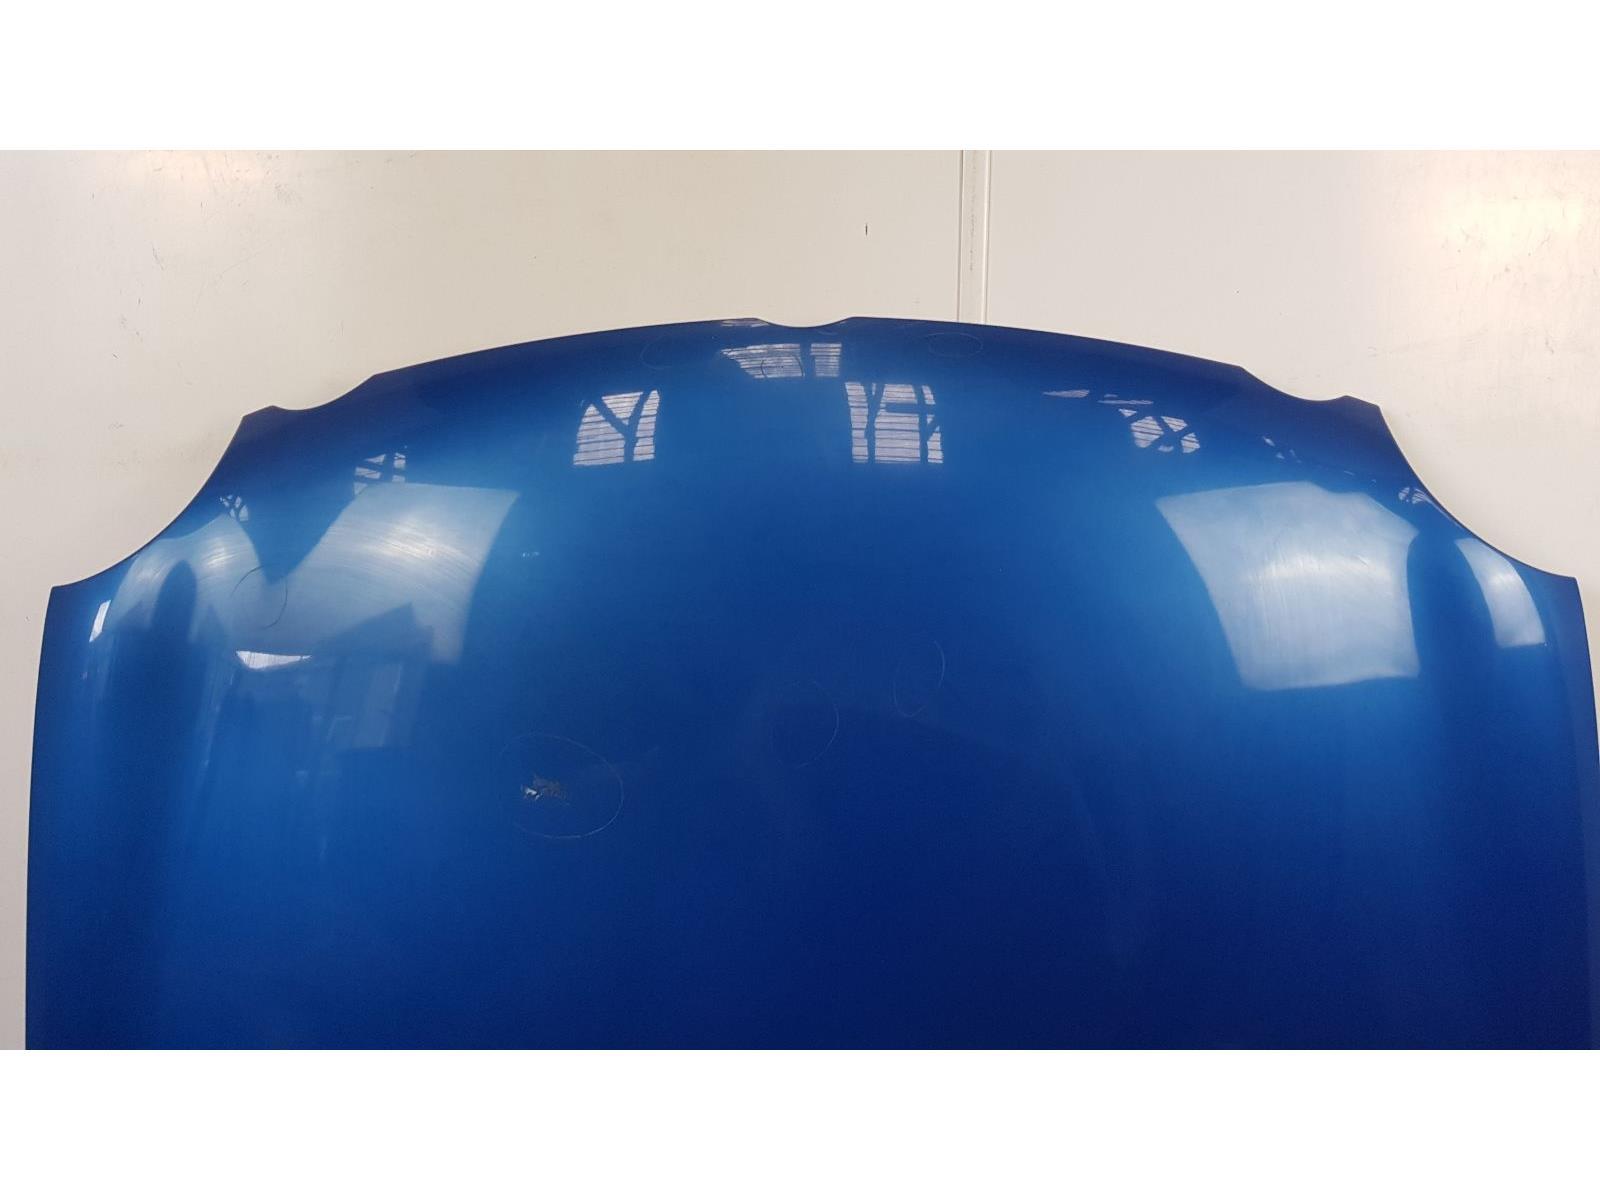 2002-2005 MK4 VOLKSWAGEN POLO 9N BONNET BLUE 3 DOOR HATCHBACK